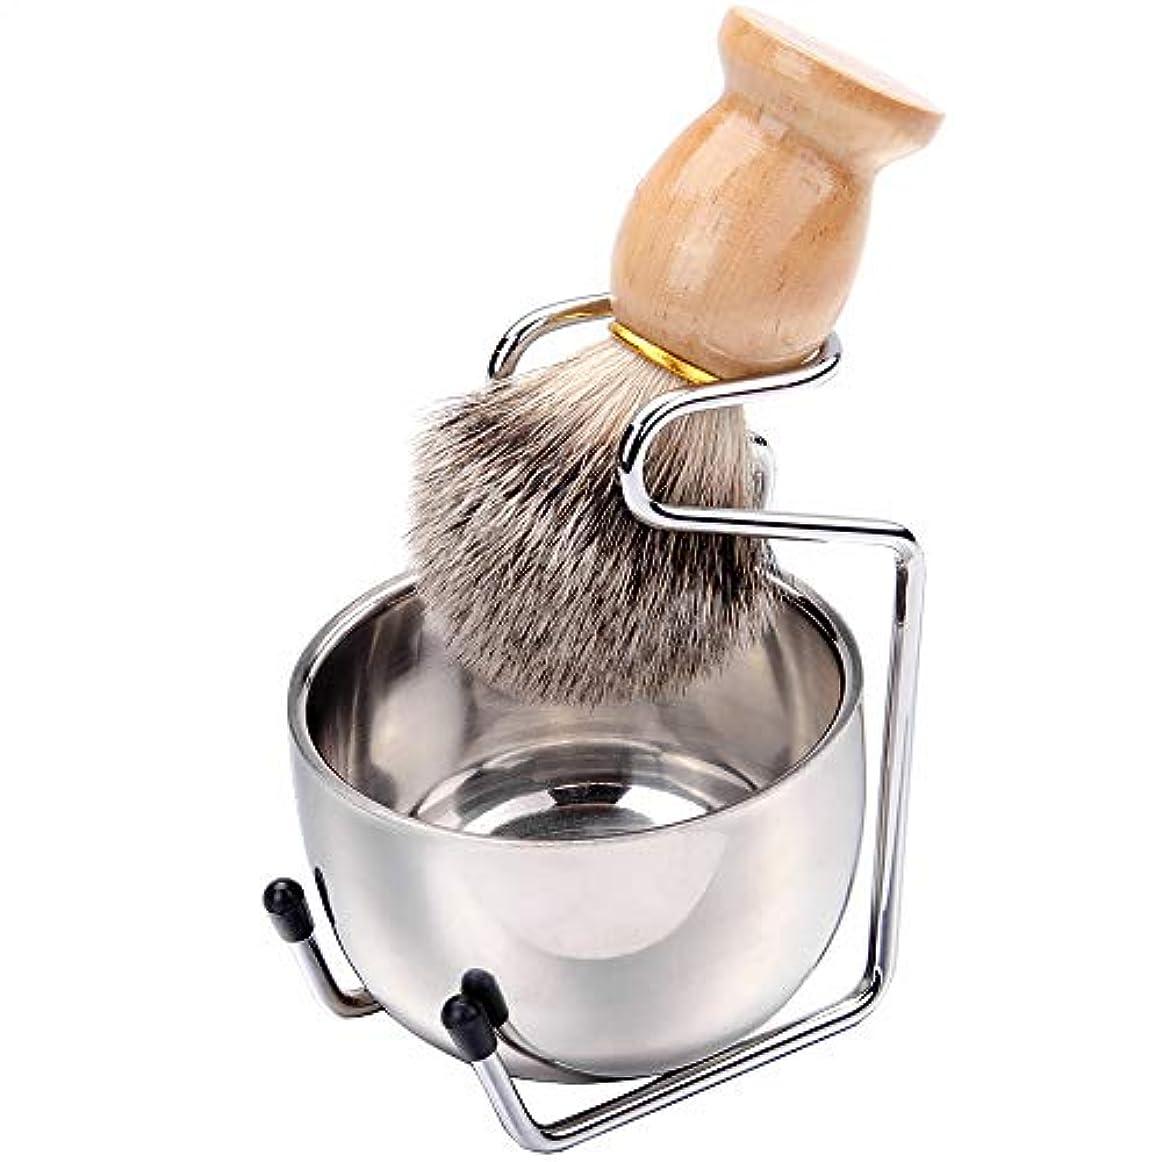 フクロウ天使仕立て屋Men's Shaving Tool, 3-piece Beard Care Set Soap Bowl Hanger Brush Facial